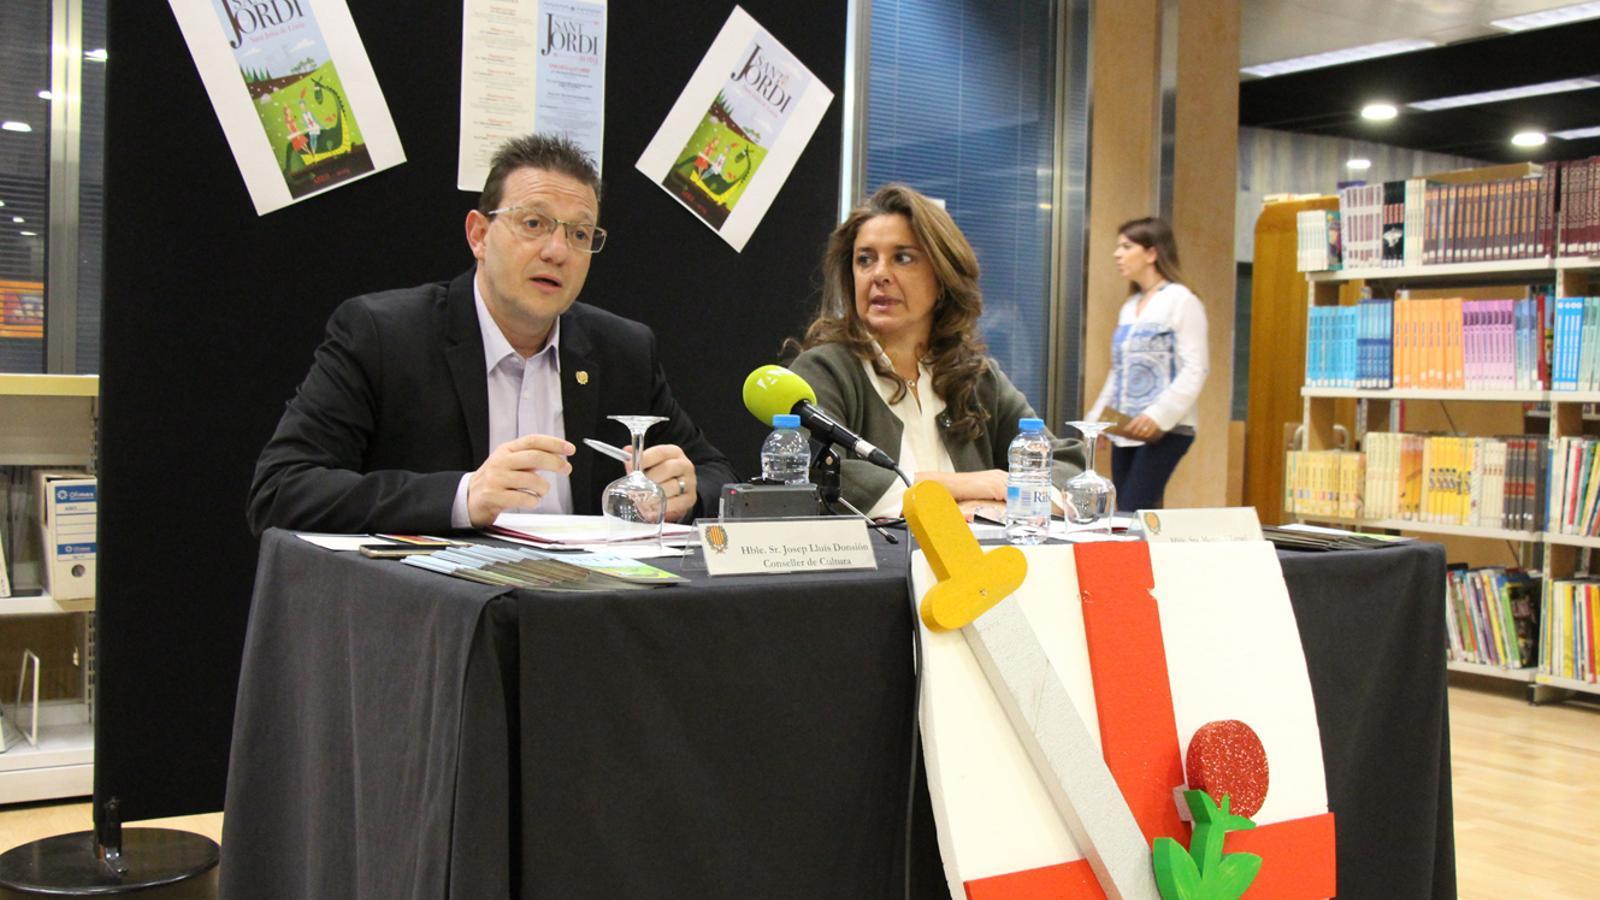 El conseller de Cultura, Josep Lluís Donsión, i la consellera de Turisme, Meritxell Teurel, durant la roda de premsa per a presentar les activitats per al dia de Sant Jordi. / M. P. (ANA)